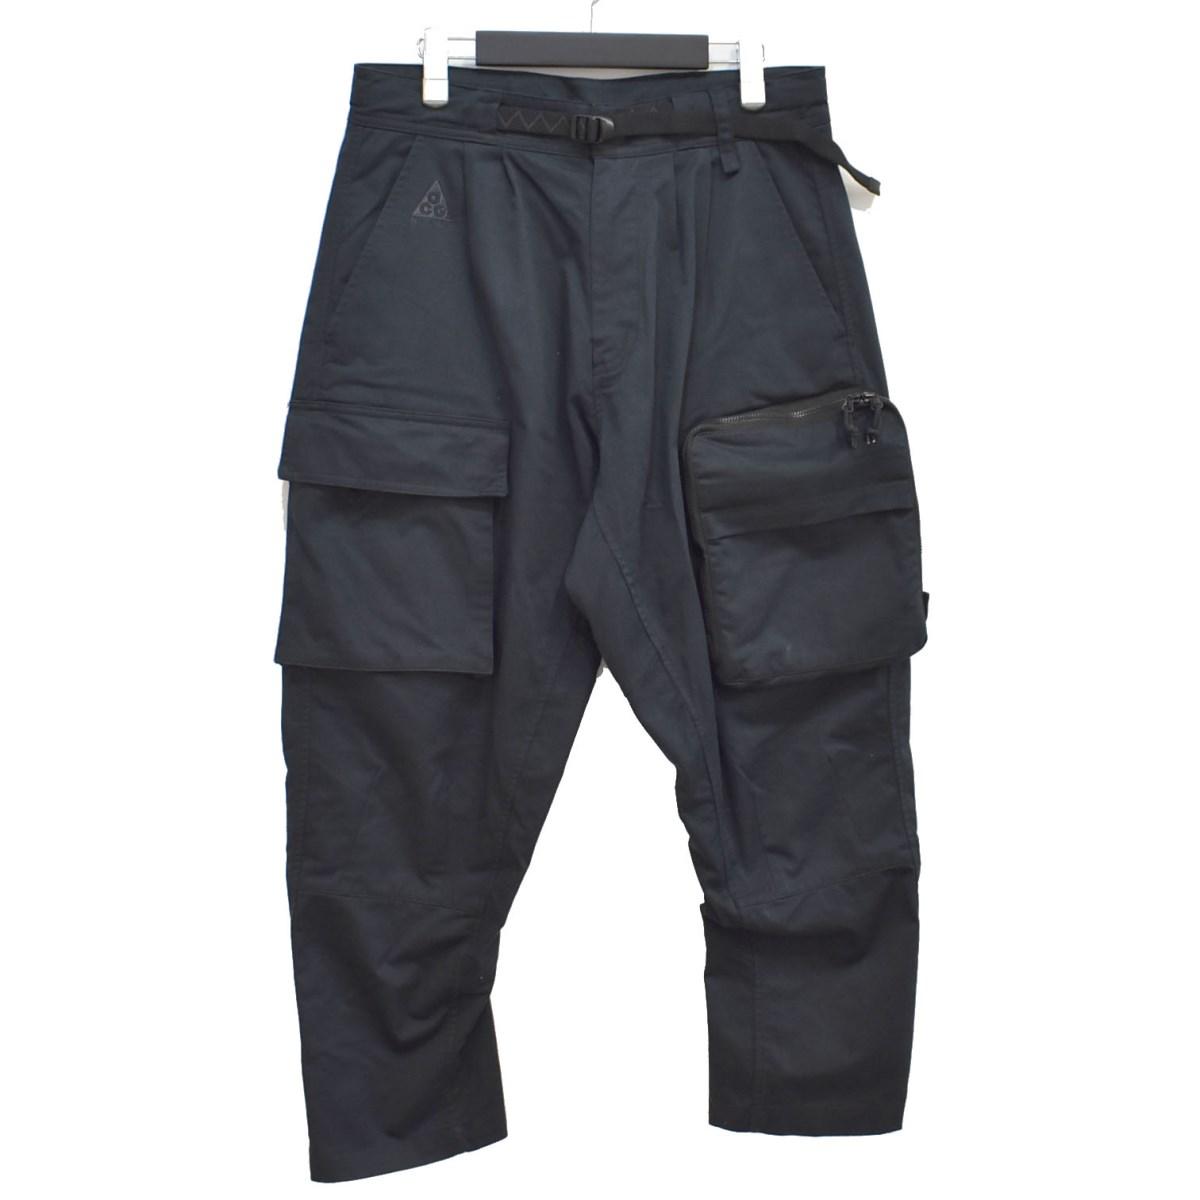 【中古】Nike ACG 19AW WOVEN CARGO PANTS ウーブンカーゴパンツ ブラック サイズ:M 【210920】(ナイキエーシージー)